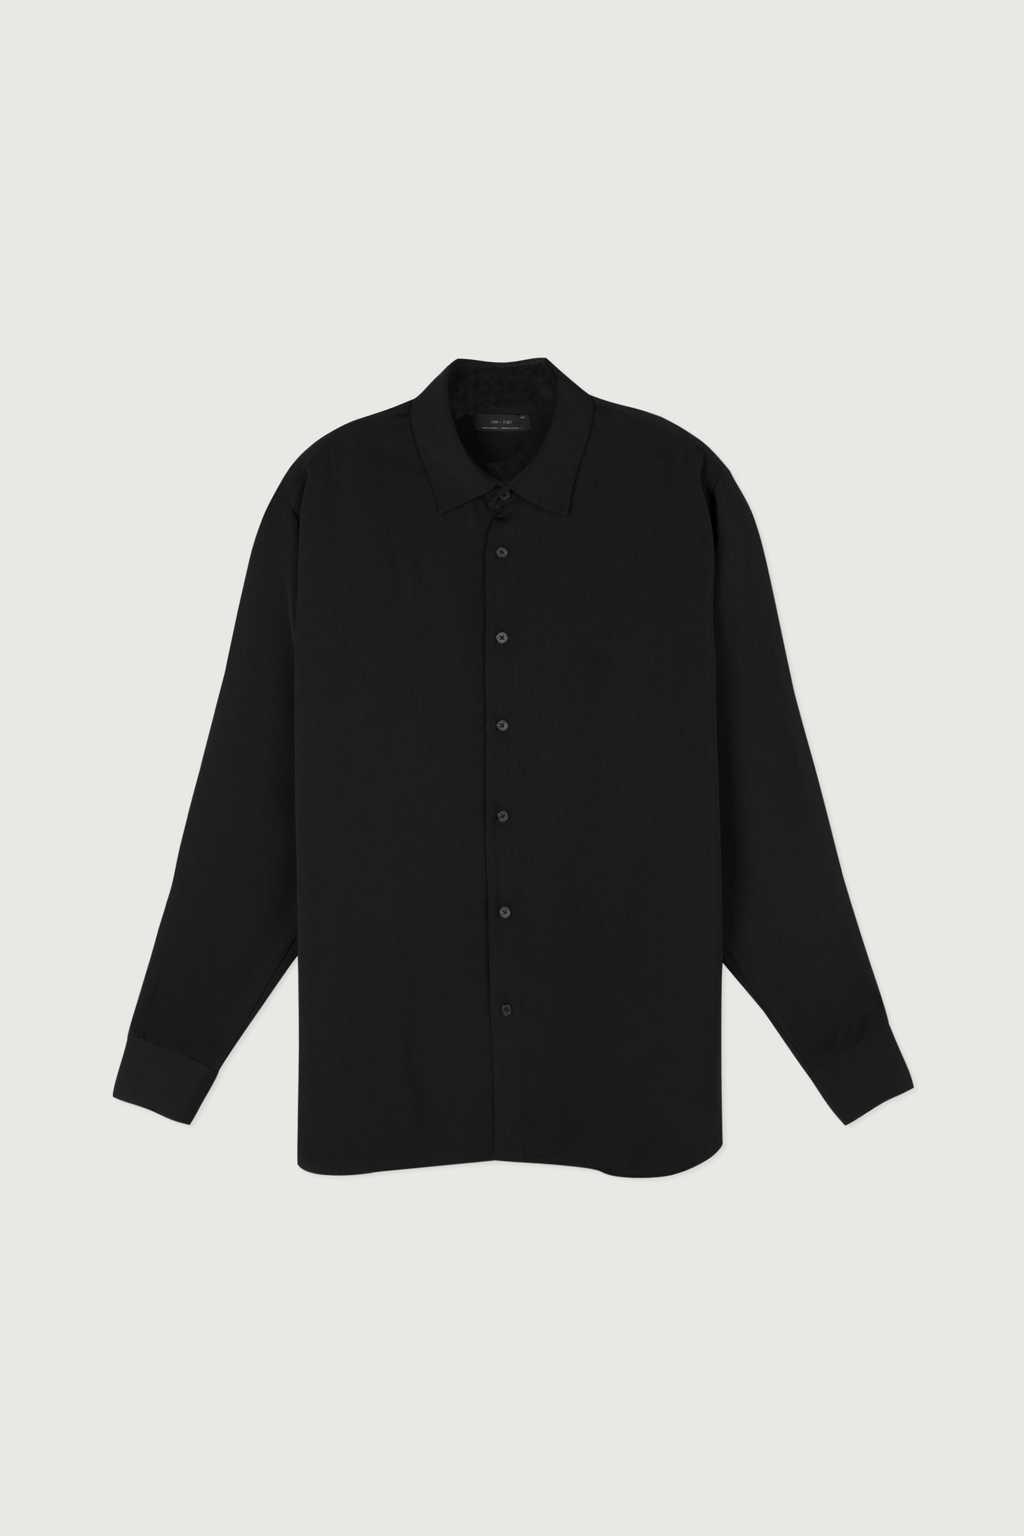 Shirt K002 Black 5